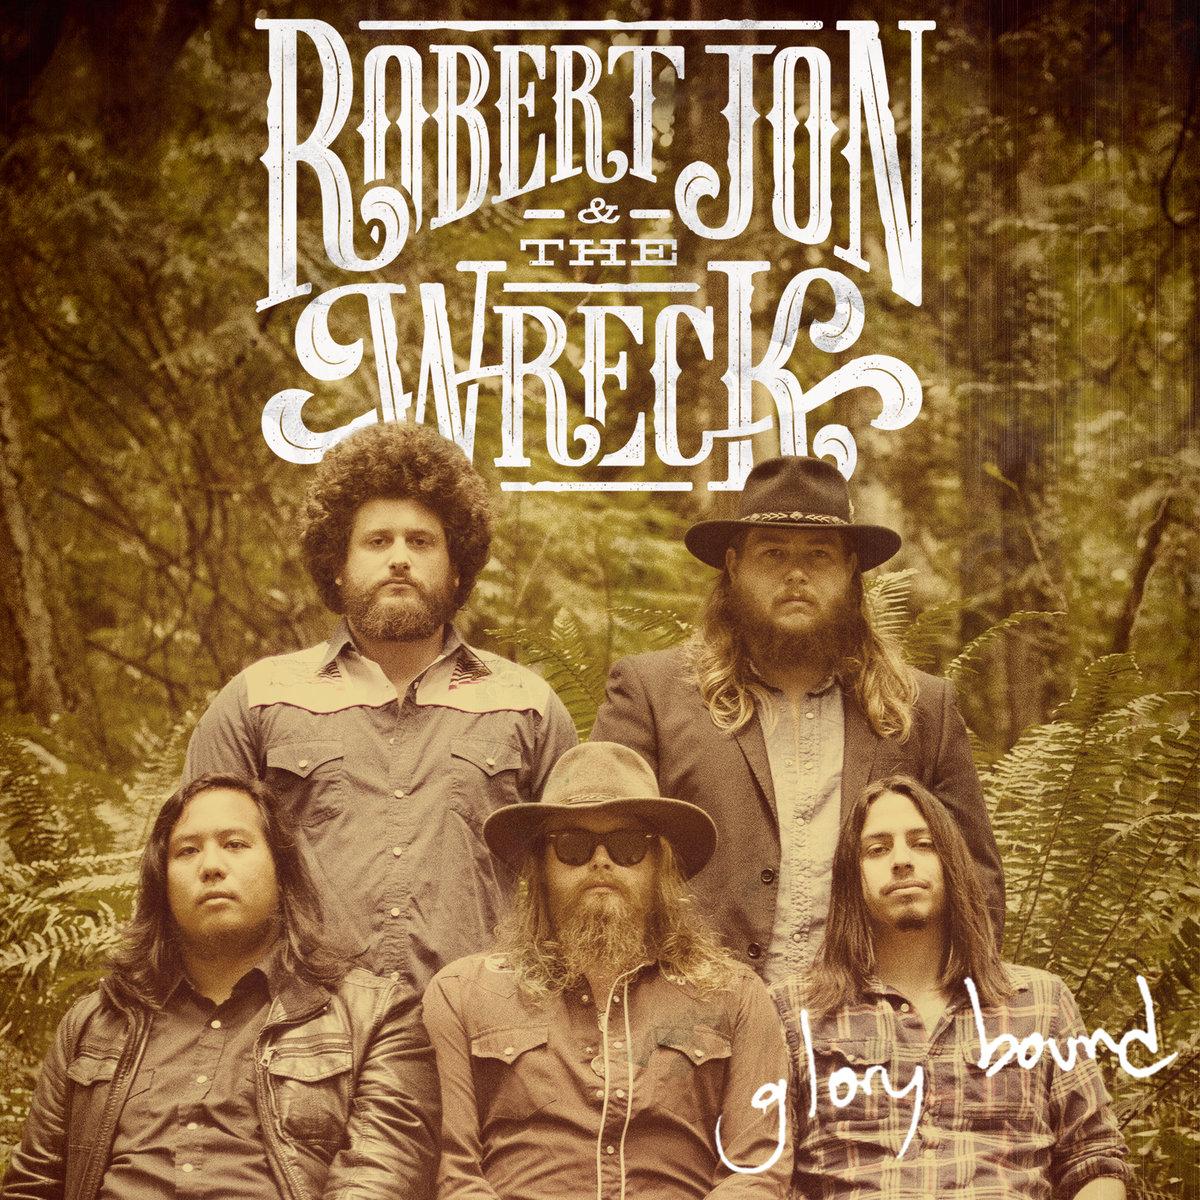 Imagen de Robert Jon & The Wreck Band